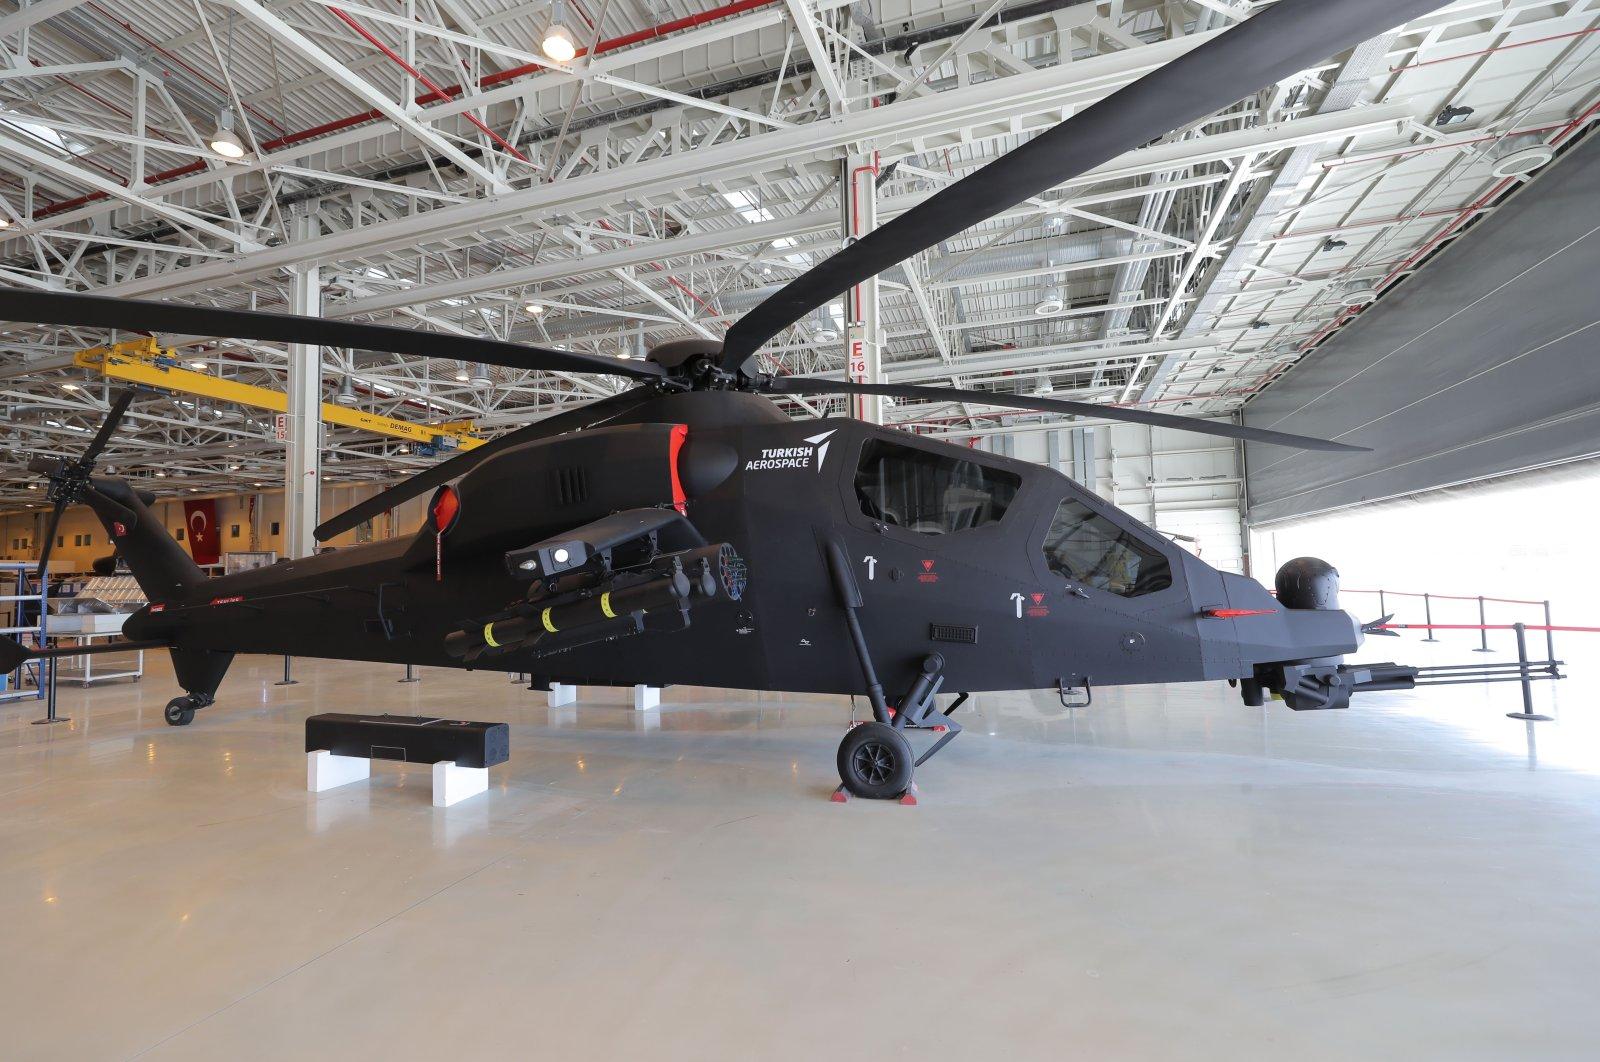 A T929 Atak 2 helicopter at the TAI compound, Ankara, Turkey, June 29, 2021. (IHA Photo)